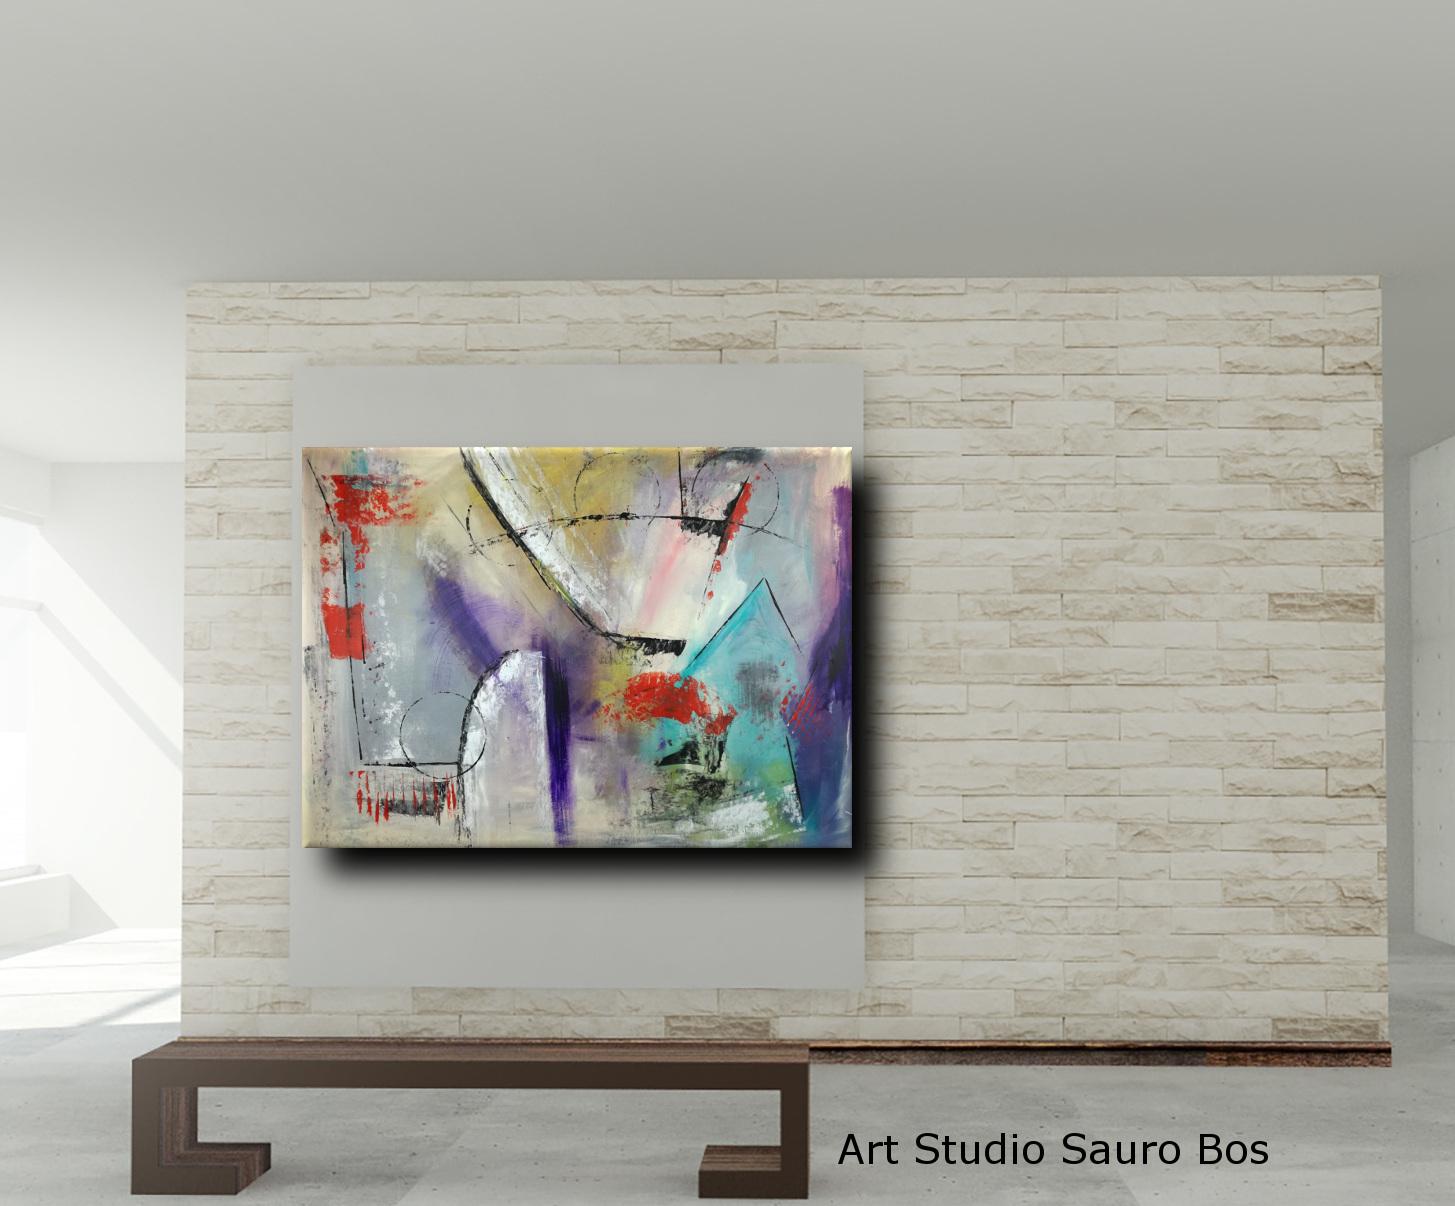 quadri astratti moderni c015 - quadri moderni per arredamento contemporaneo